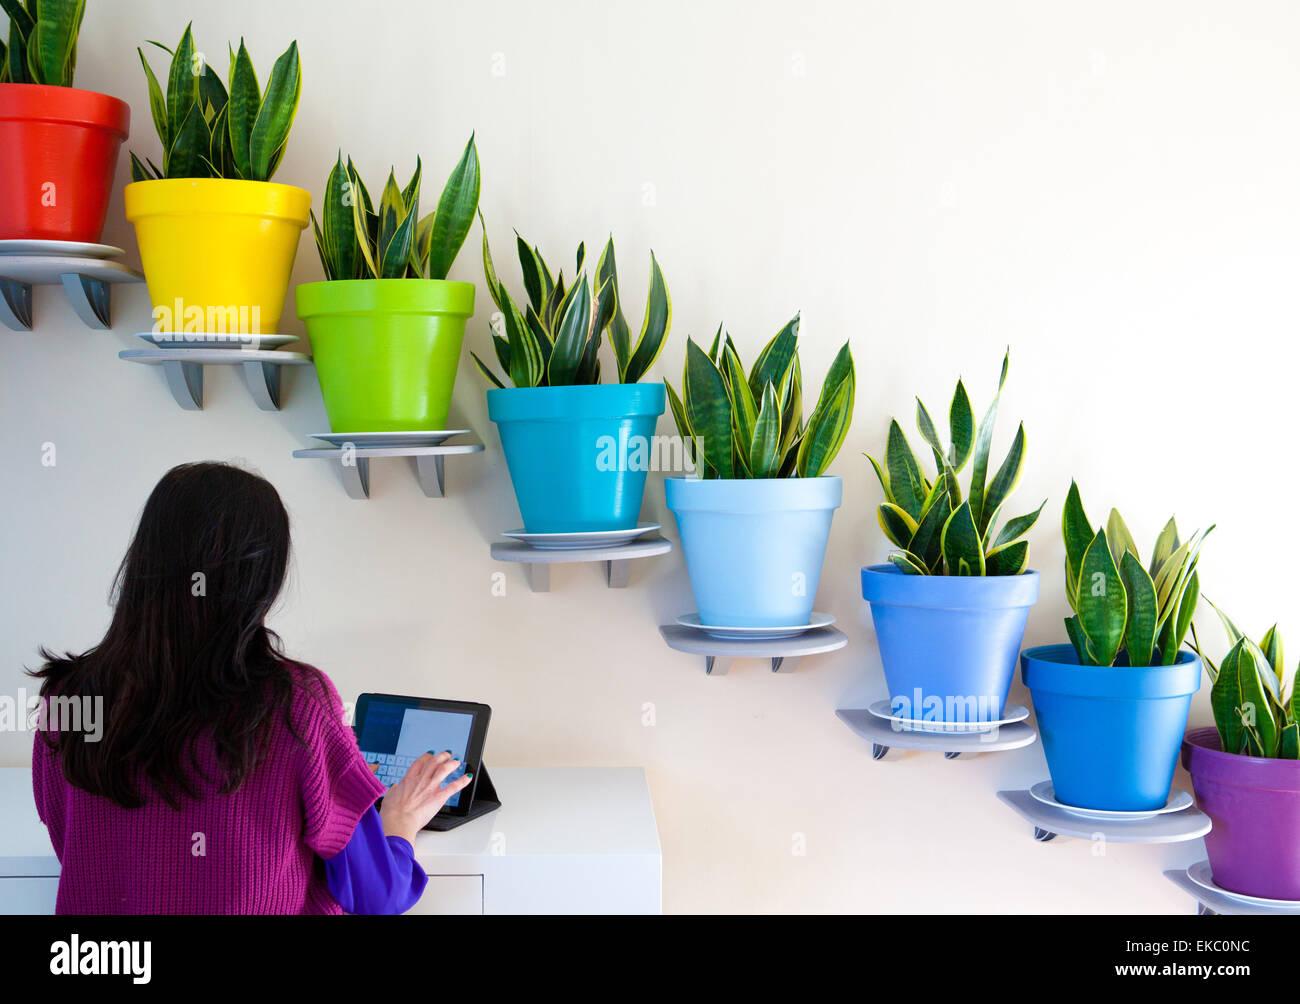 Rückansicht des Frau mit digital-Tablette vor diagonalen Reihe von Topfpflanzen Stockbild